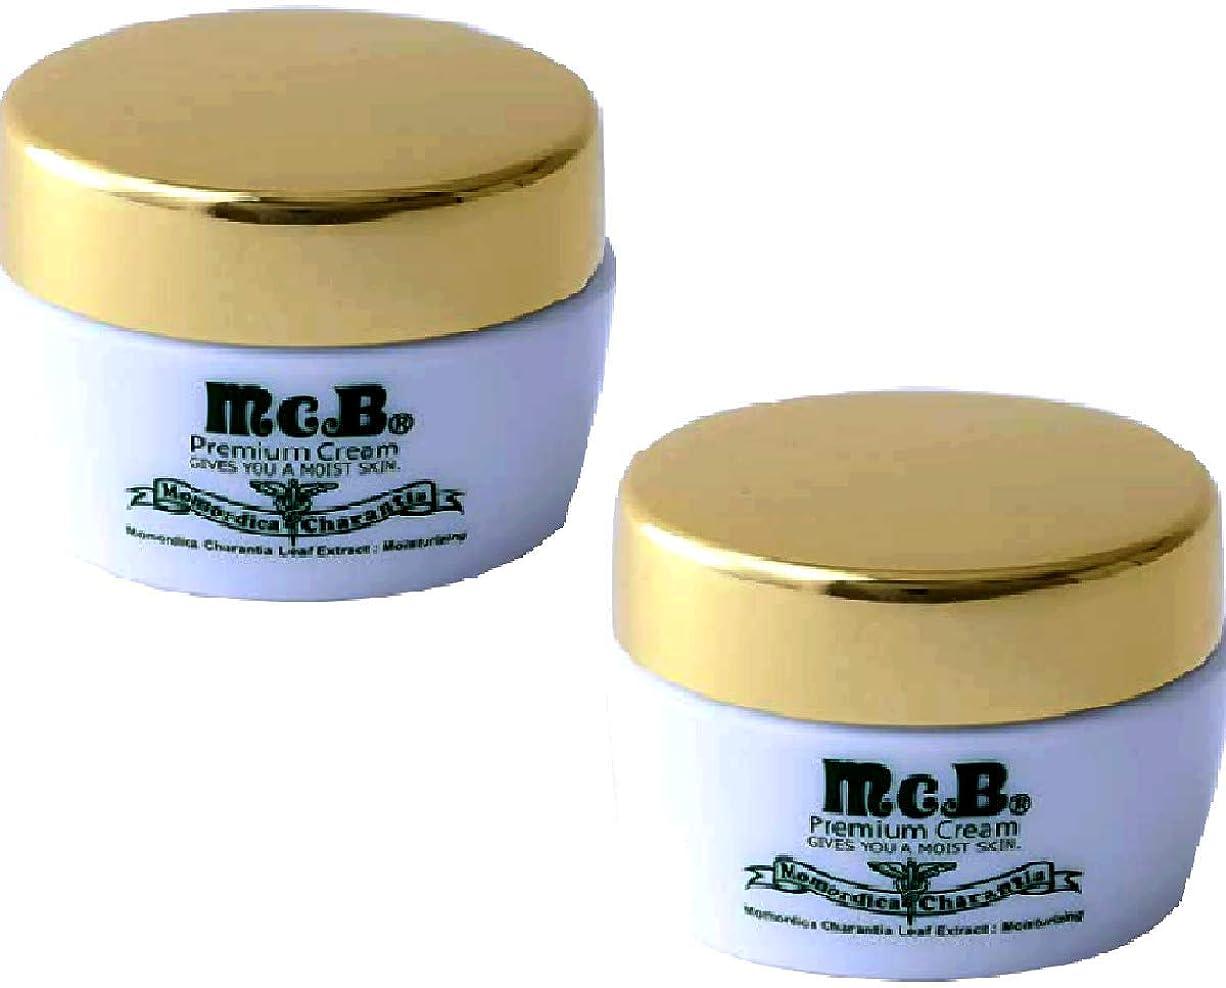 初期の泣いているテレビMcB マックビー プレミアム クリーム Premium Cream 2個 セット 正規代理店